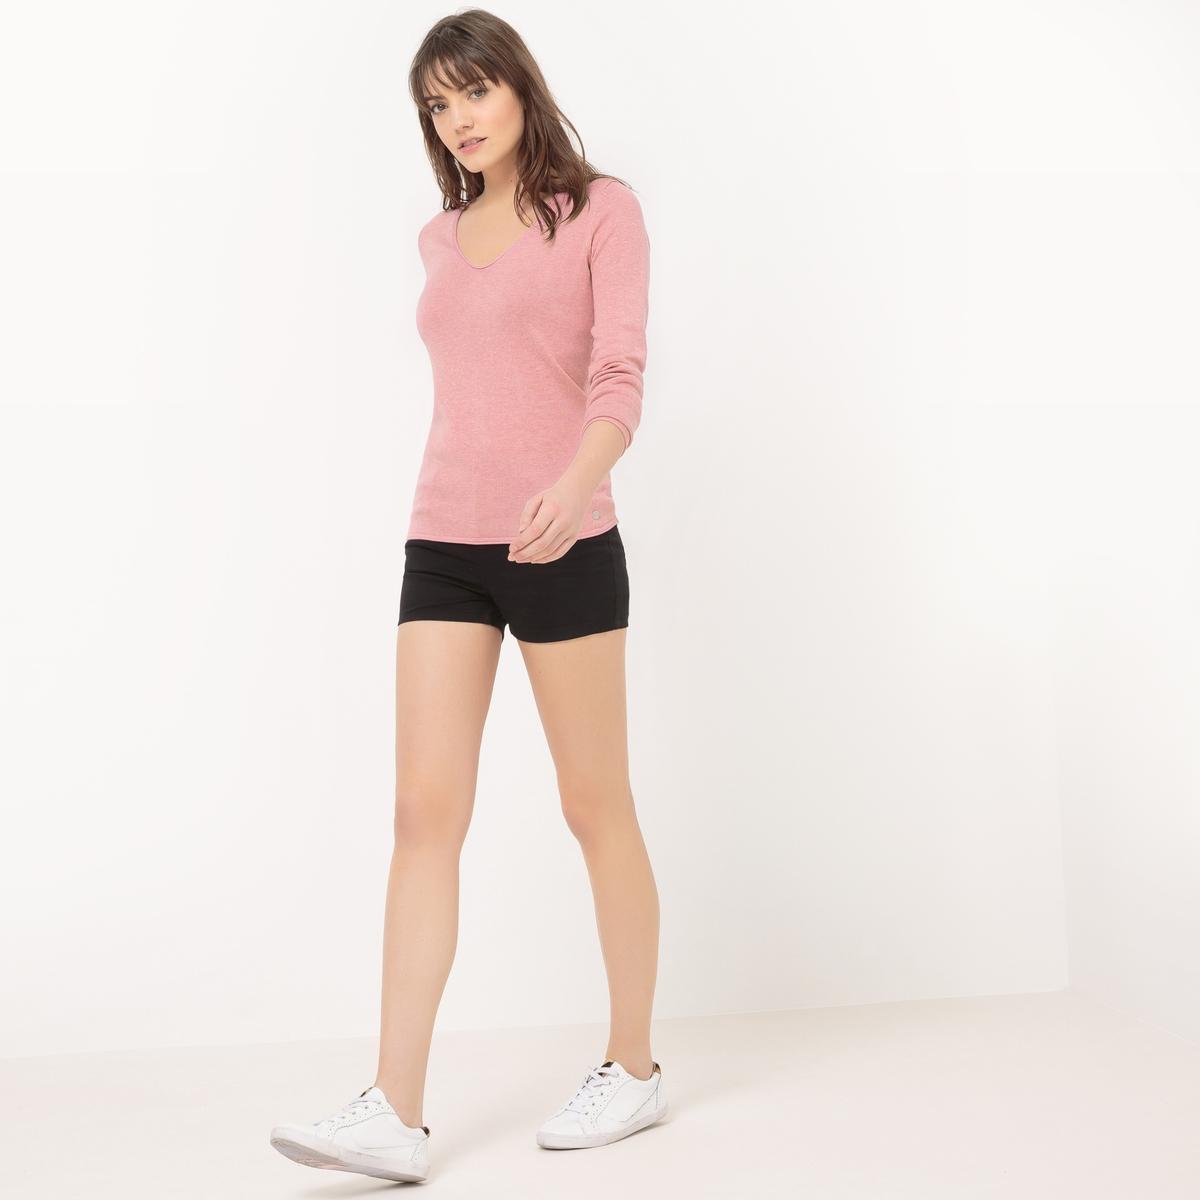 Пуловер с V-образным вырезомМатериал : 40% вискозы, 60% хлопка Длина рукава : длинные рукава Форма воротника : V-образный вырез Покрой пуловера : стандартный Рисунок : однотонная модель<br><br>Цвет: розовый<br>Размер: M